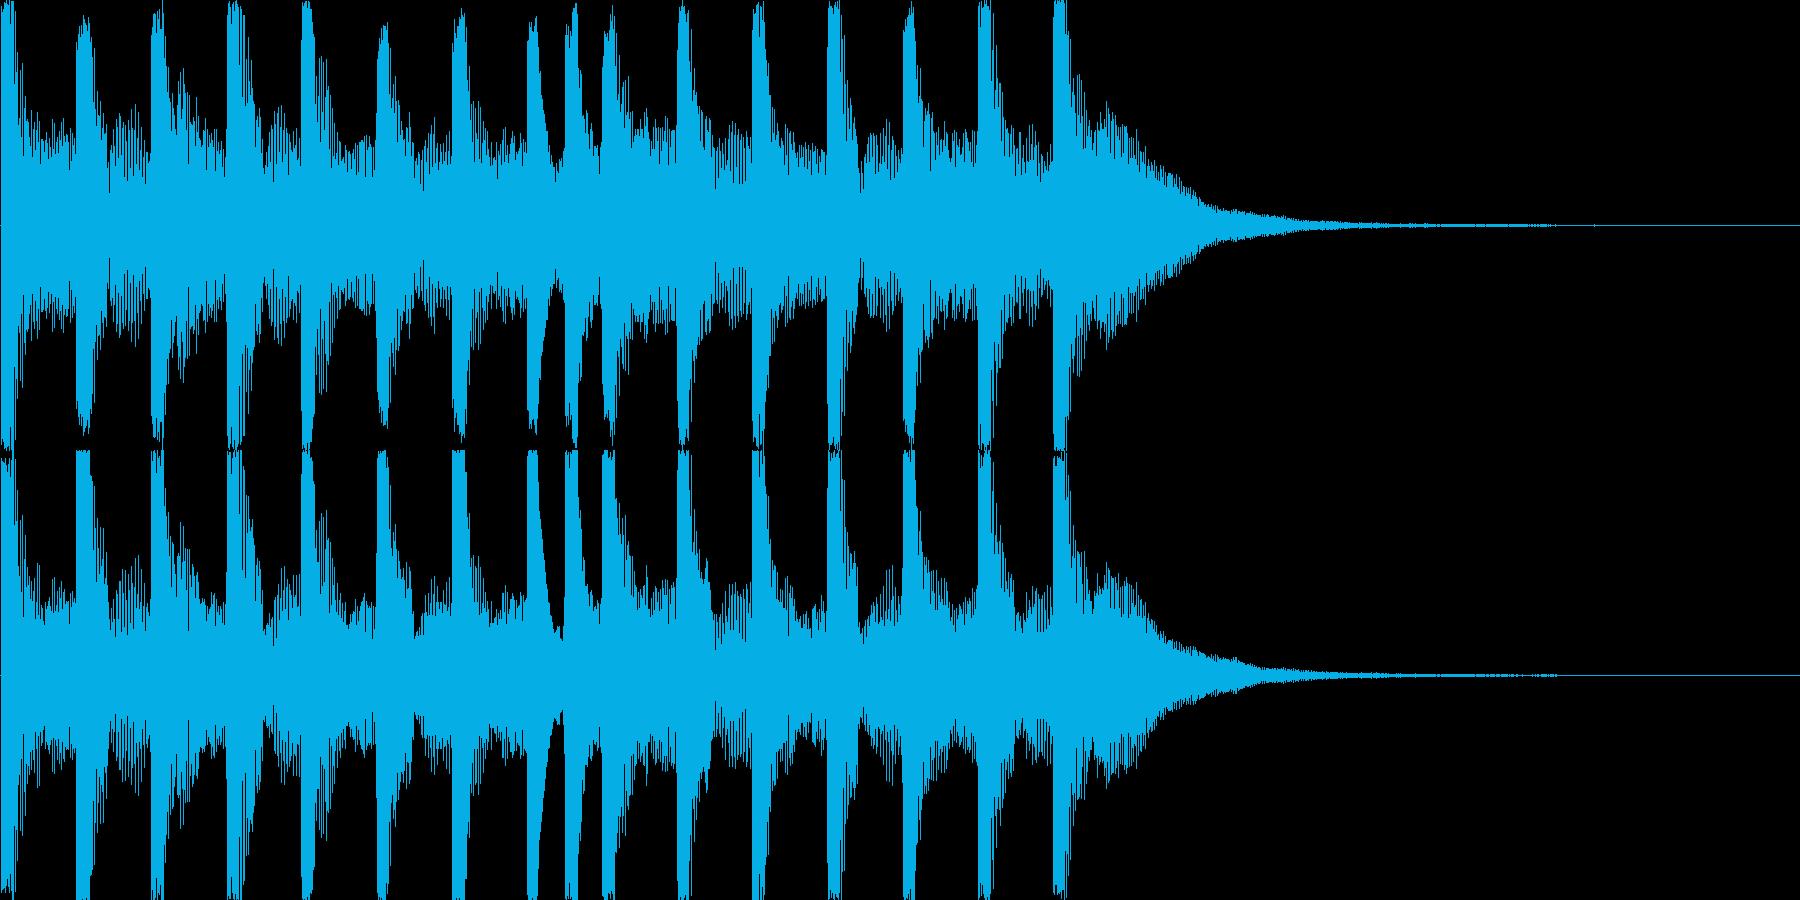 特徴的でキュートな音、ゲームのクリア音等の再生済みの波形